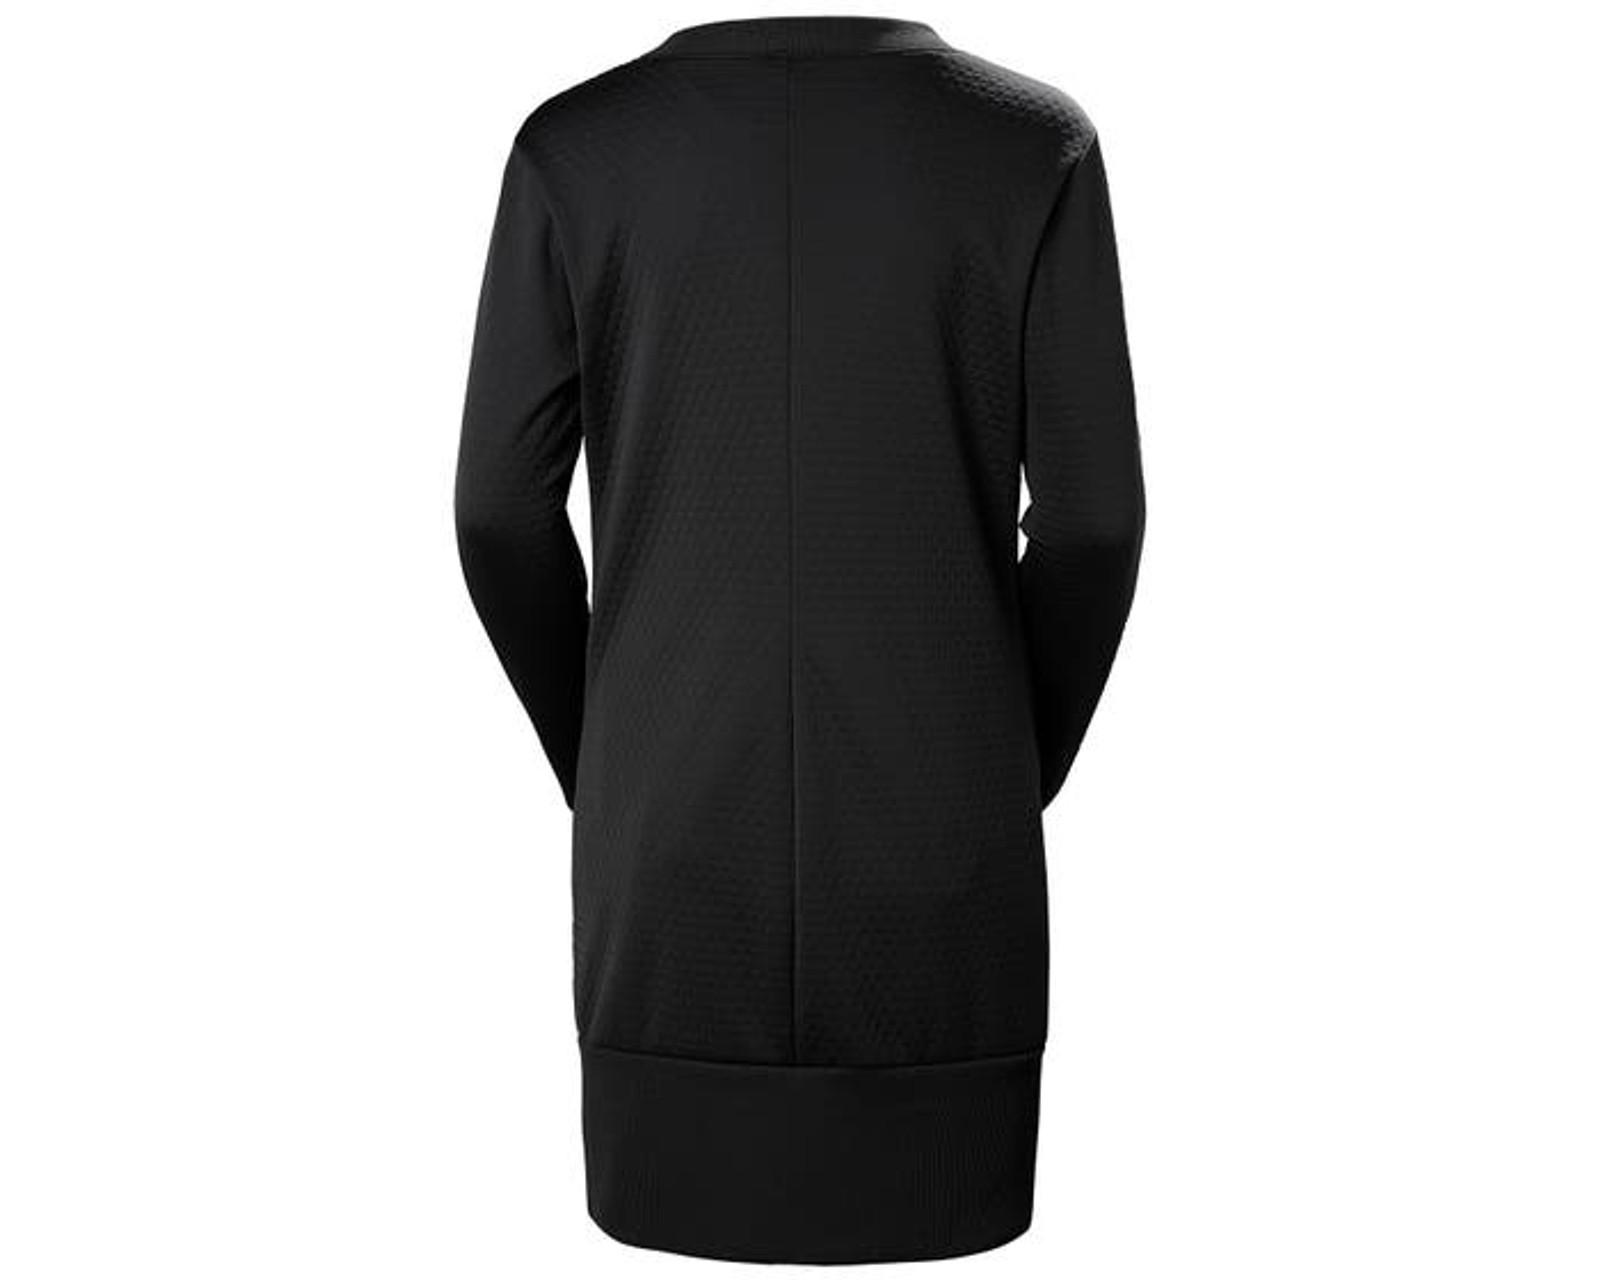 Helly Hansen Hytte Dress, Women's -Ebony, 62932-980 (62932-980) bacj